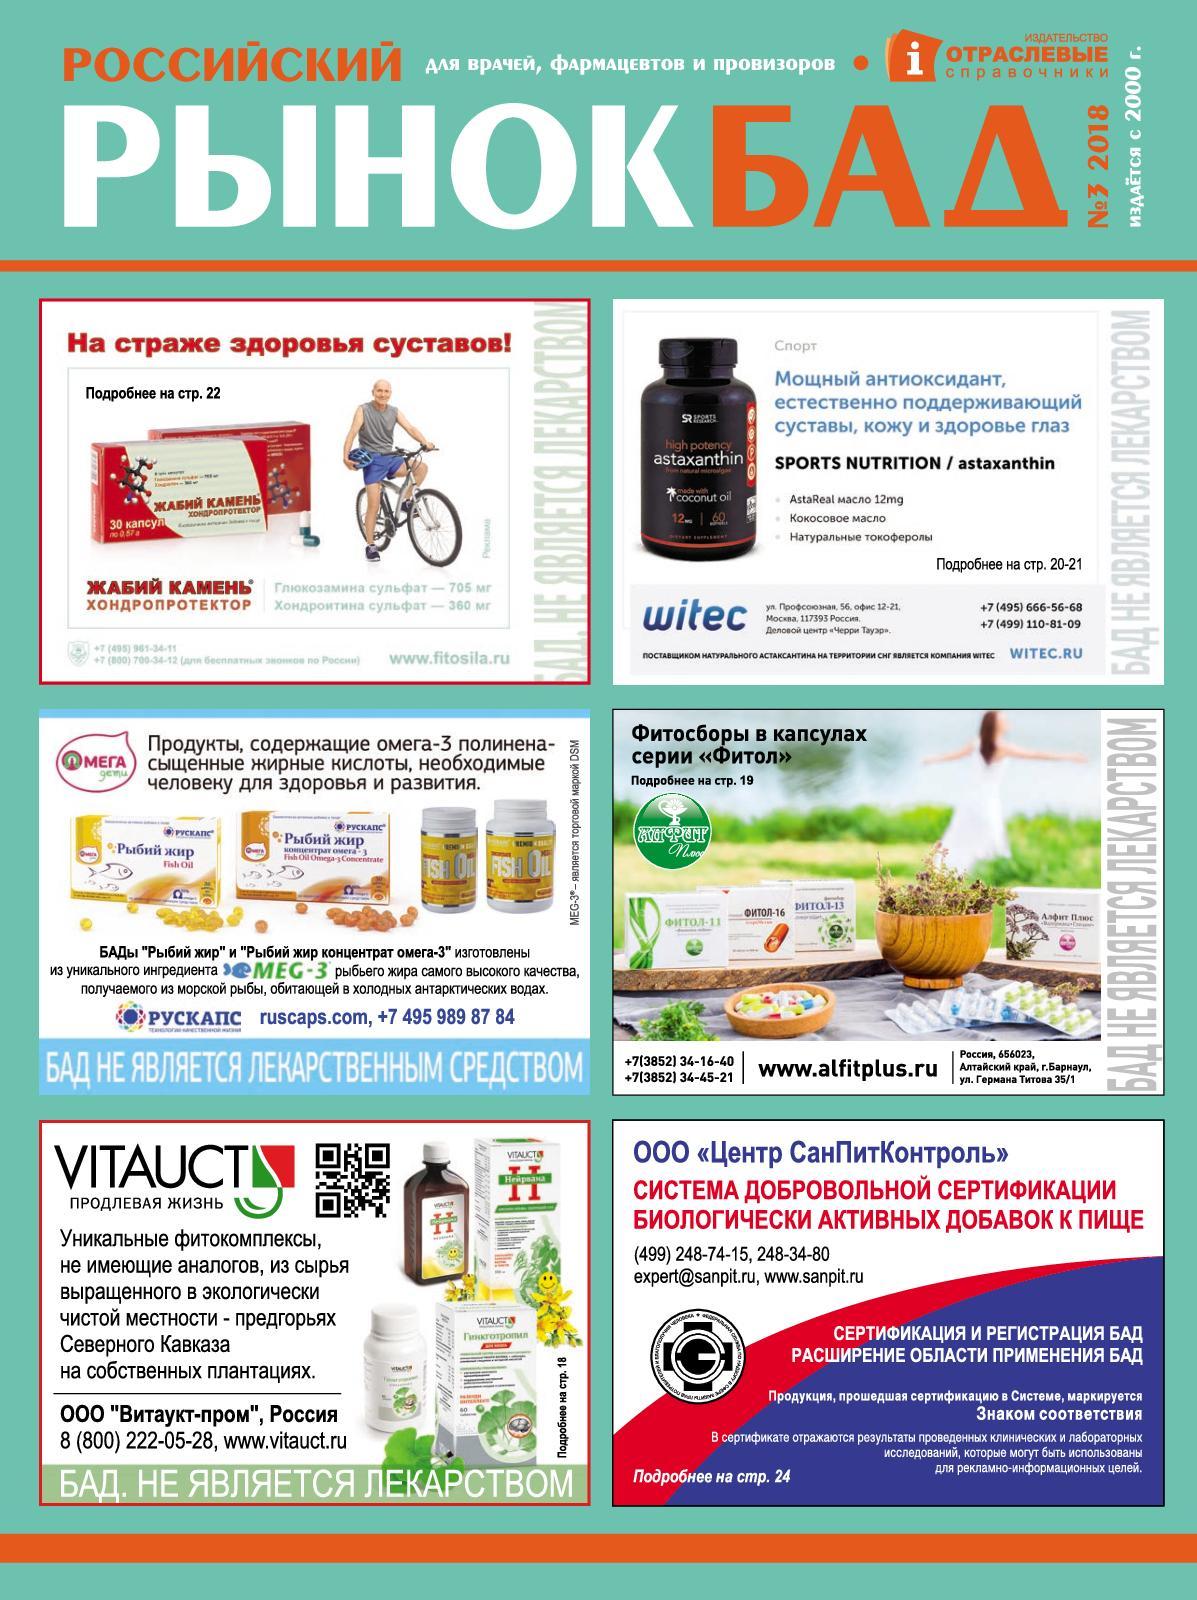 Фитомуцил - инструкция по применению препарата